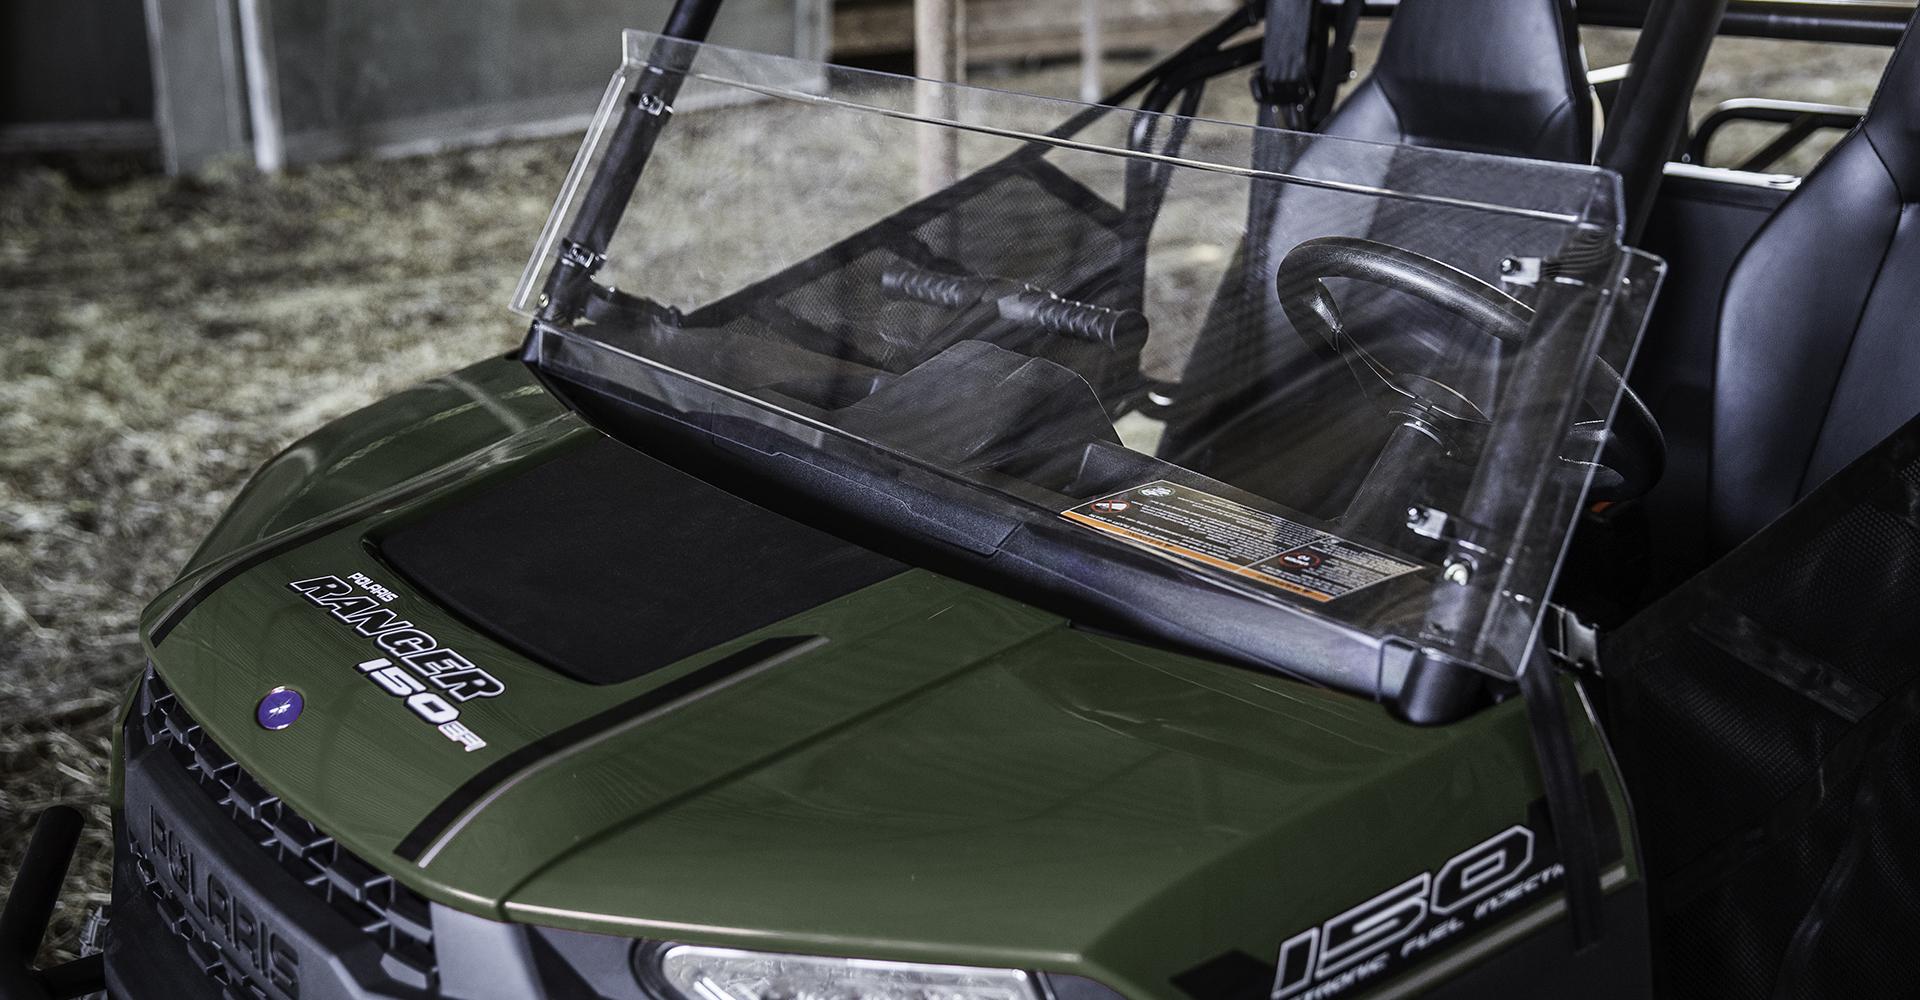 ДЕТСКИЙ БАГГИ POLARIS RANGER 150 EFI  Артмото - купить квадроцикл в украине и харькове, мотоцикл, снегоход, скутер, мопед, электромобиль